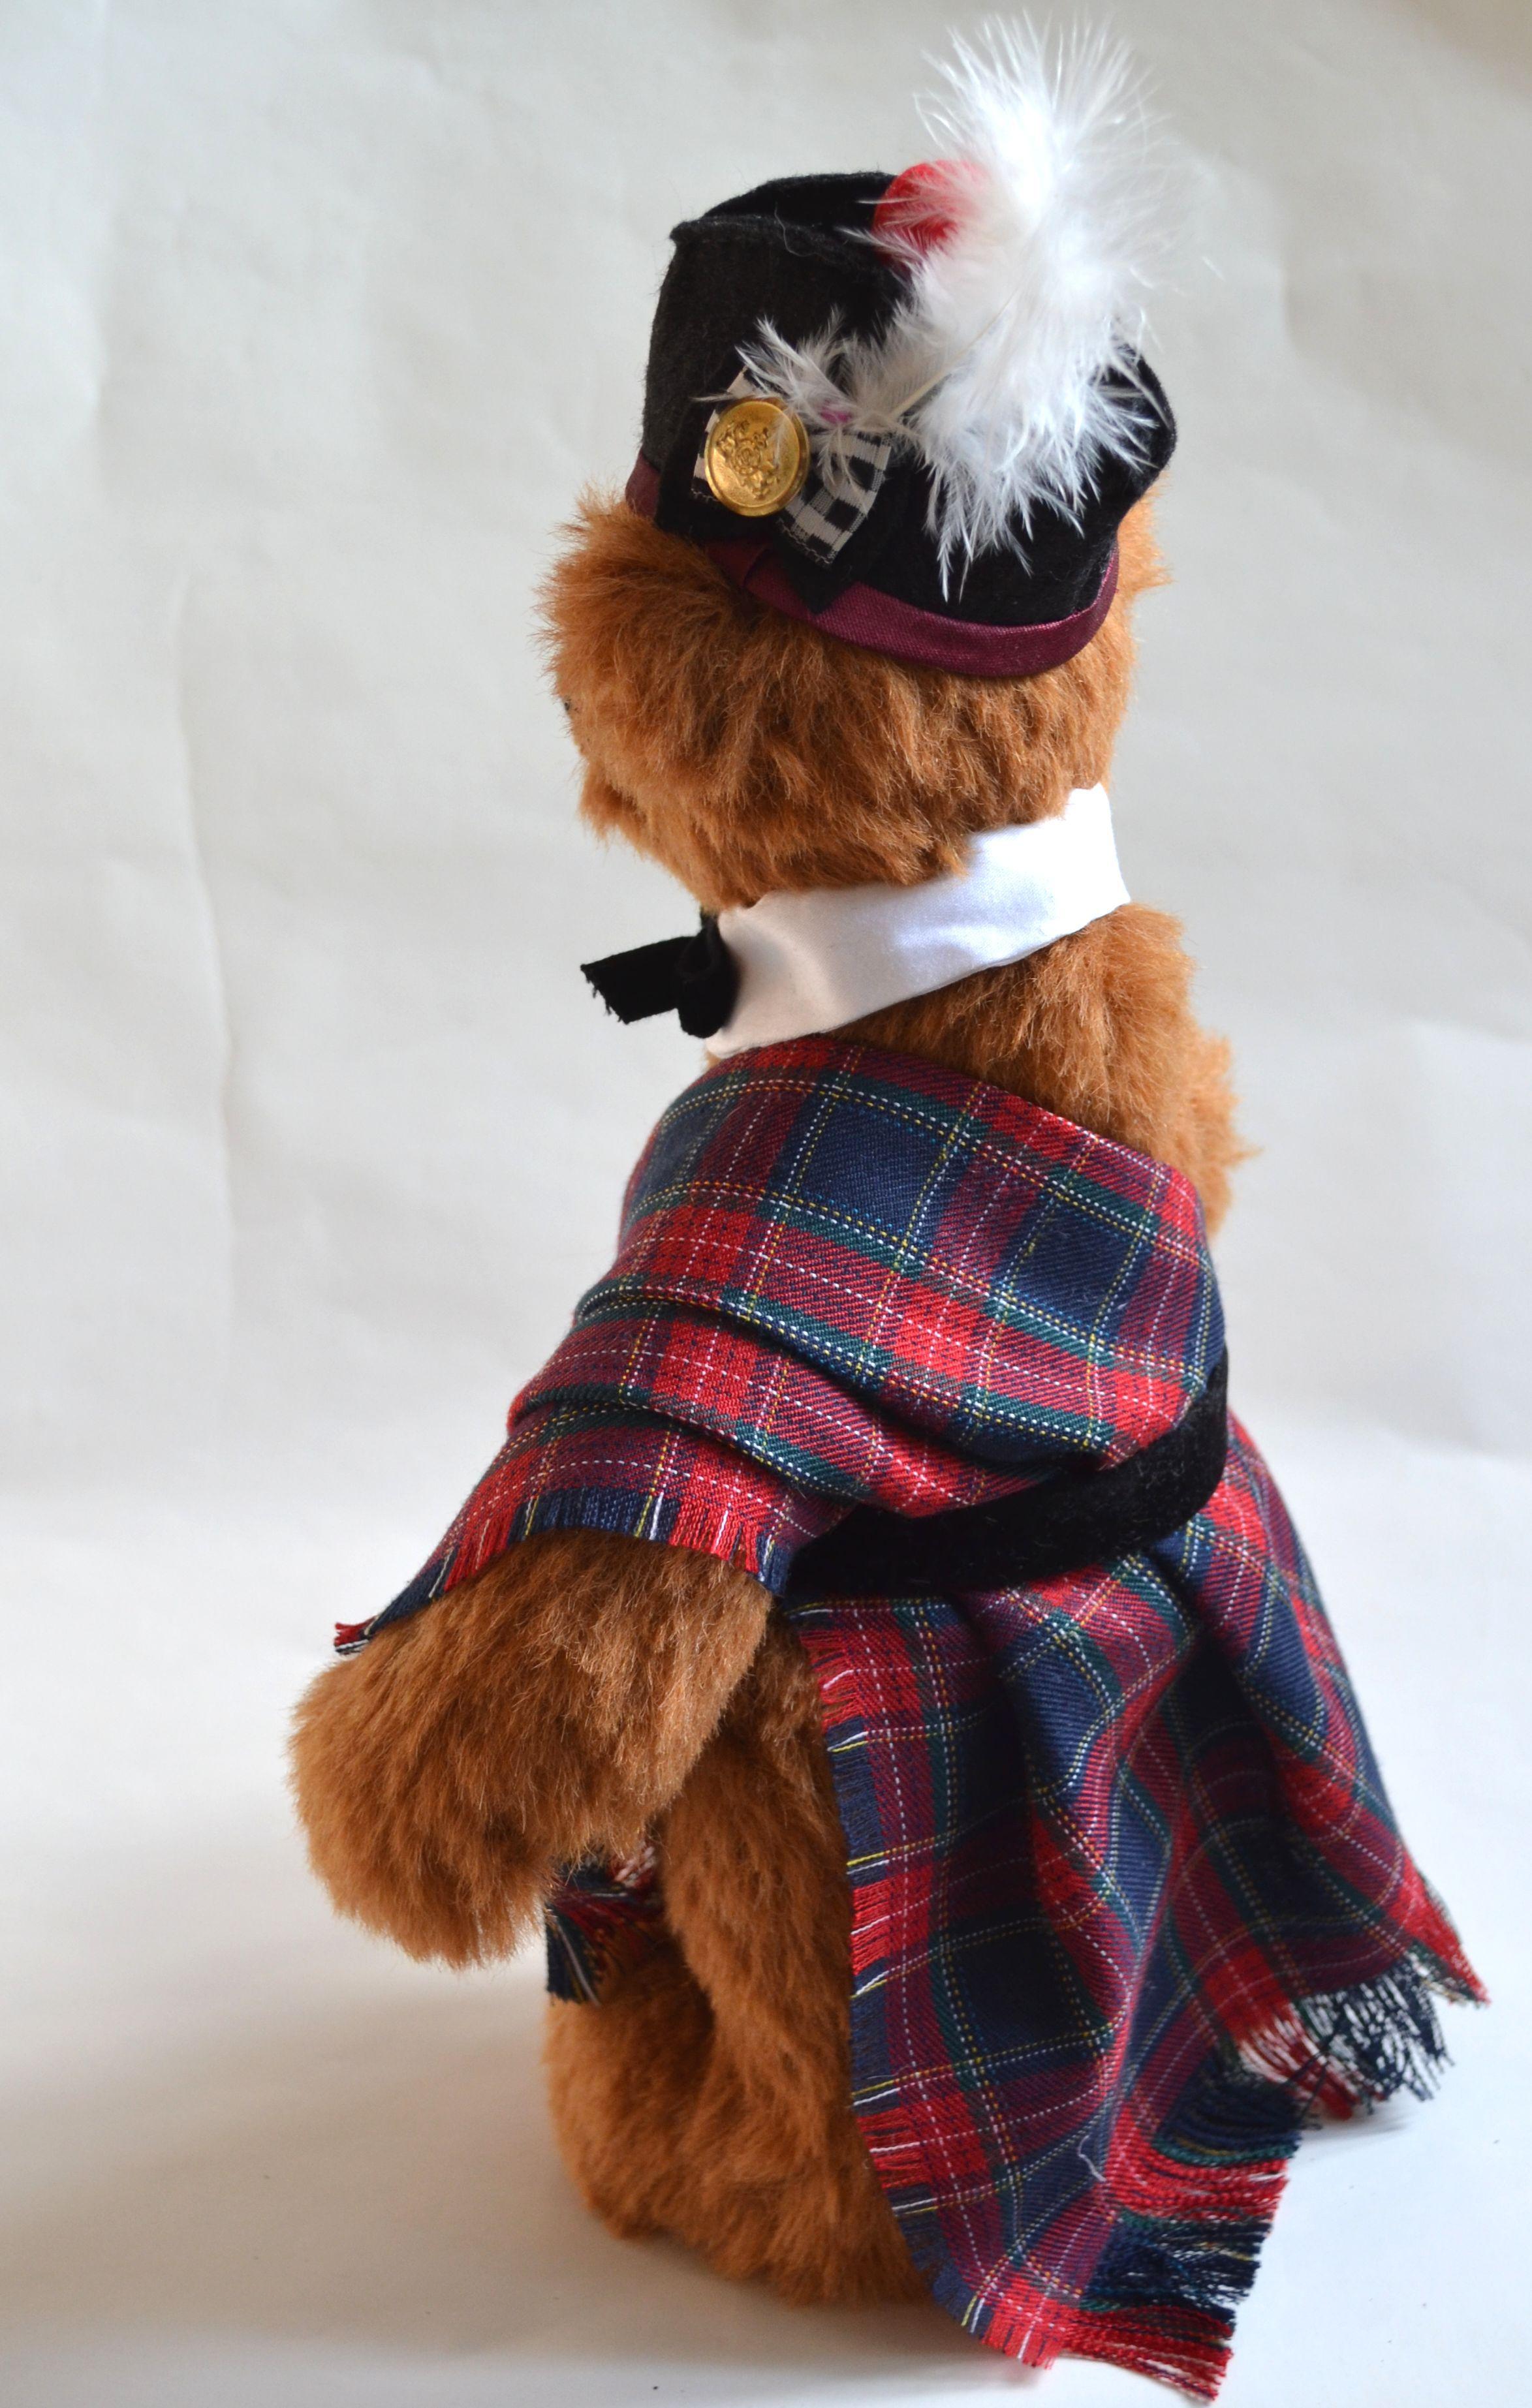 клетчатый медведь шотландия шотландец коллекционный классический мишка авторский альпака плюшевый медвежонок тедди игрушка классика шотландский